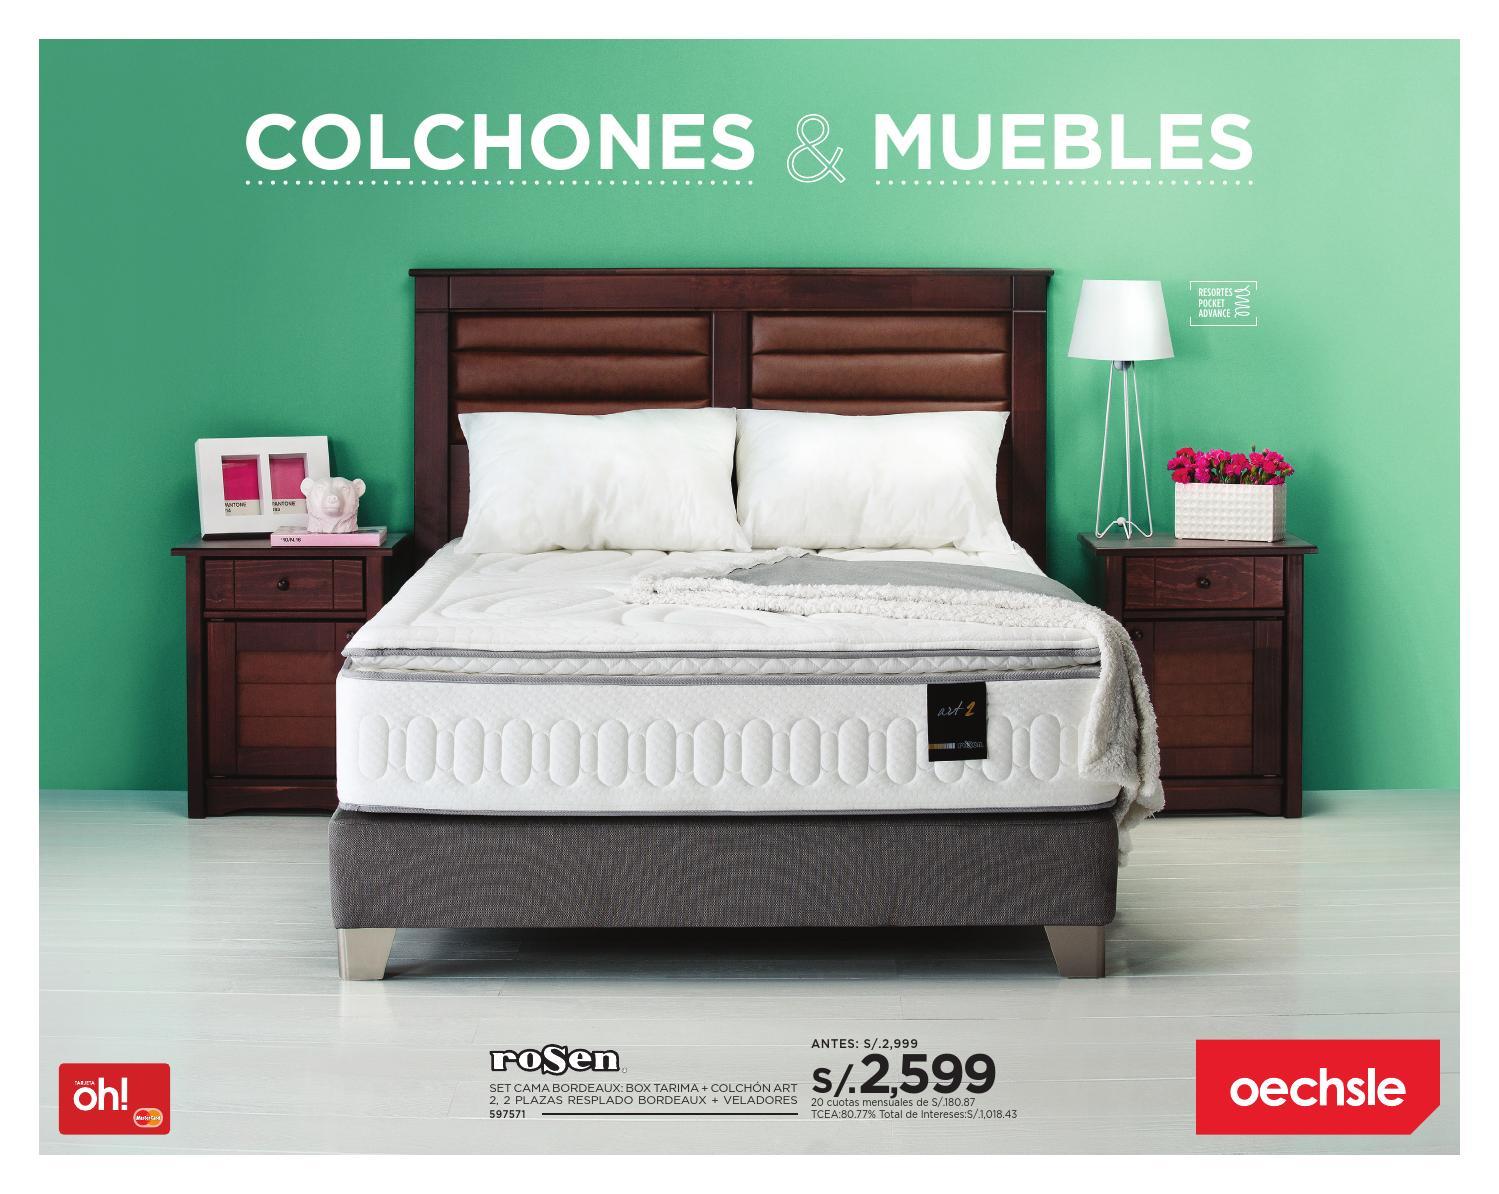 Colchones muebles by oechsle issuu for Cabeceras de cama con tarimas